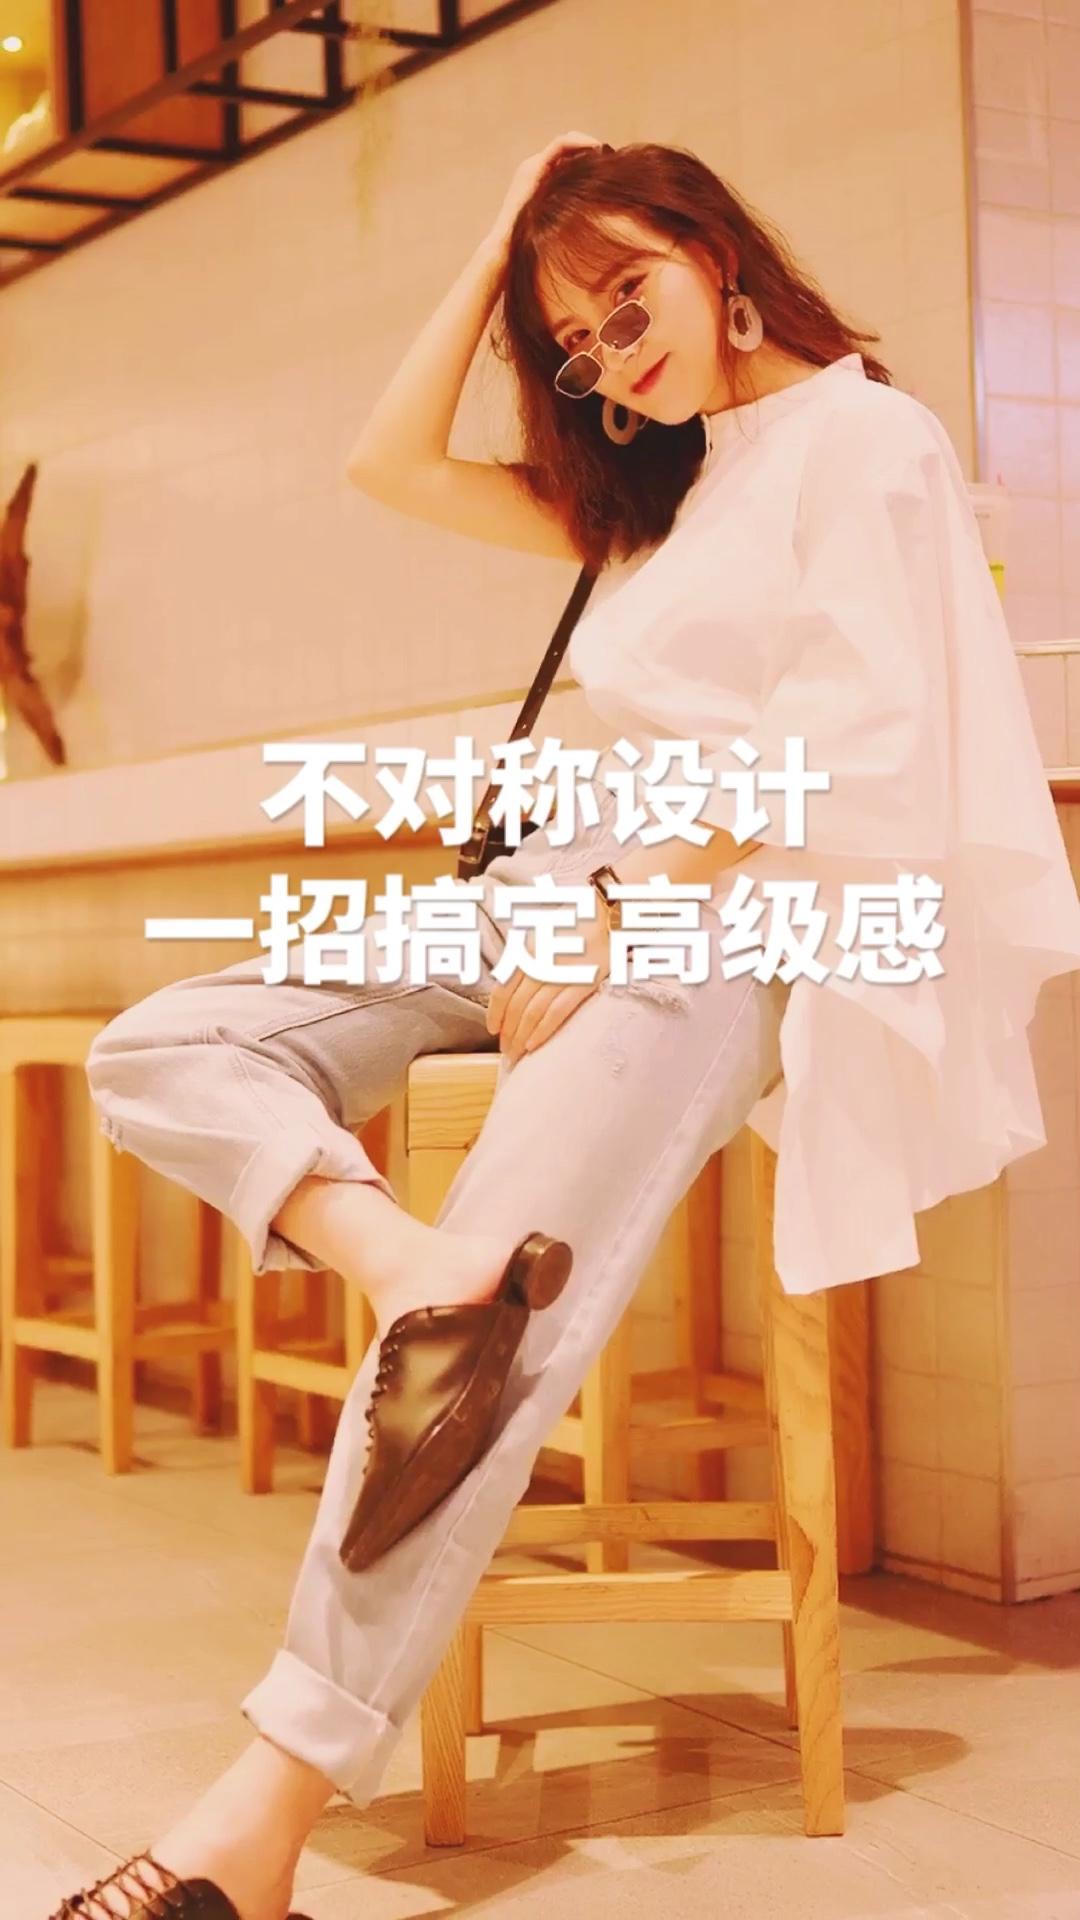 卫公子穿搭||经典好穿时髦感单品推荐 #上衣短一截,两米长腿新捷径#  一件设计感的衣服可以提升一整个look的时髦度 比如我身上的这件上衣左右不对称的设计贼拉风 一条简单的牛仔裤就可以轻松搞定,配饰上用经典的黑白色不会抢戏,整体简单大方又充满时髦感,满满的高级感